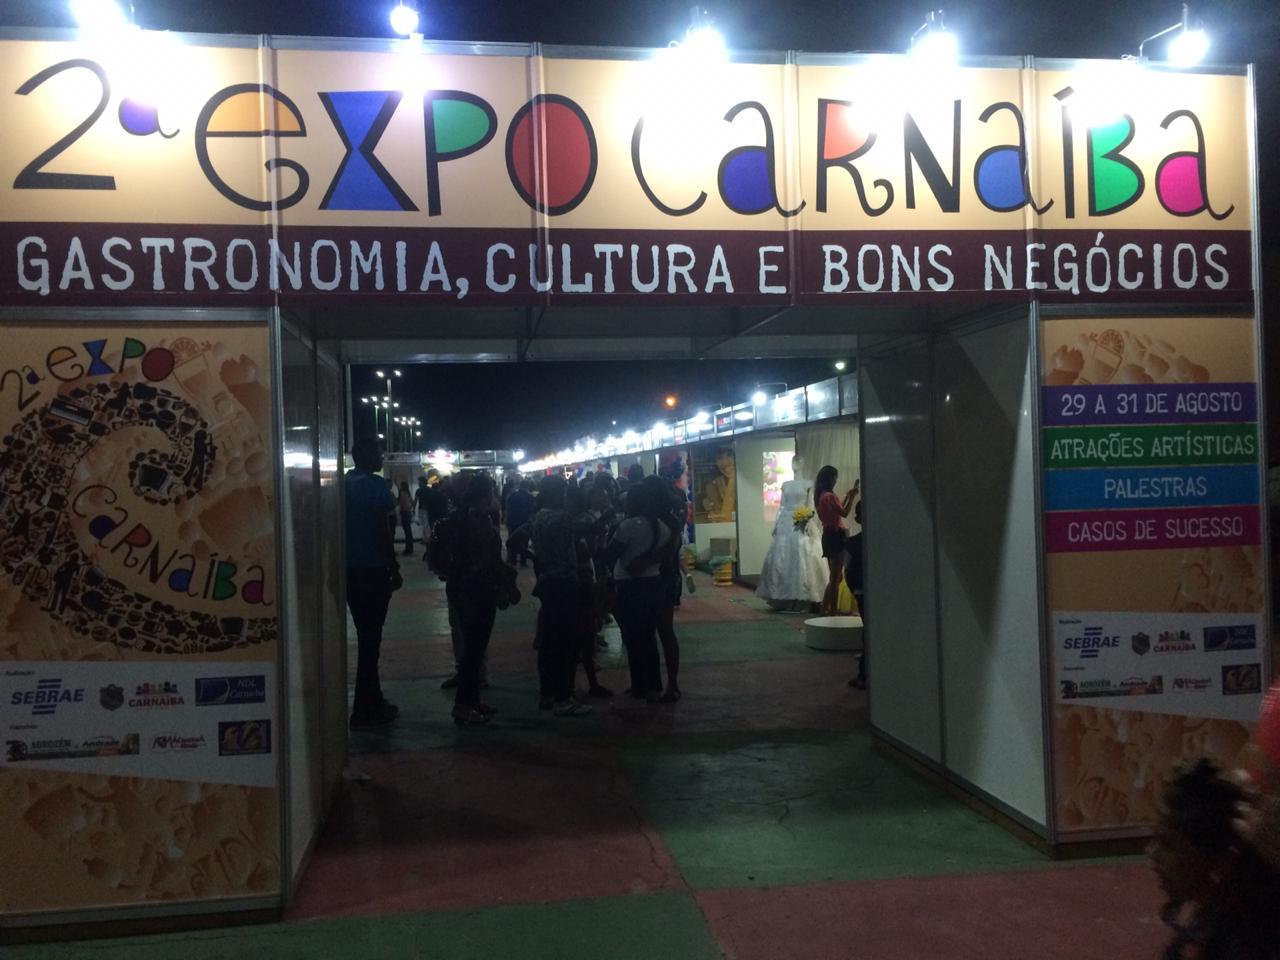 Resultado de imagem para 2ª Expocarnaíba foi um sucesso